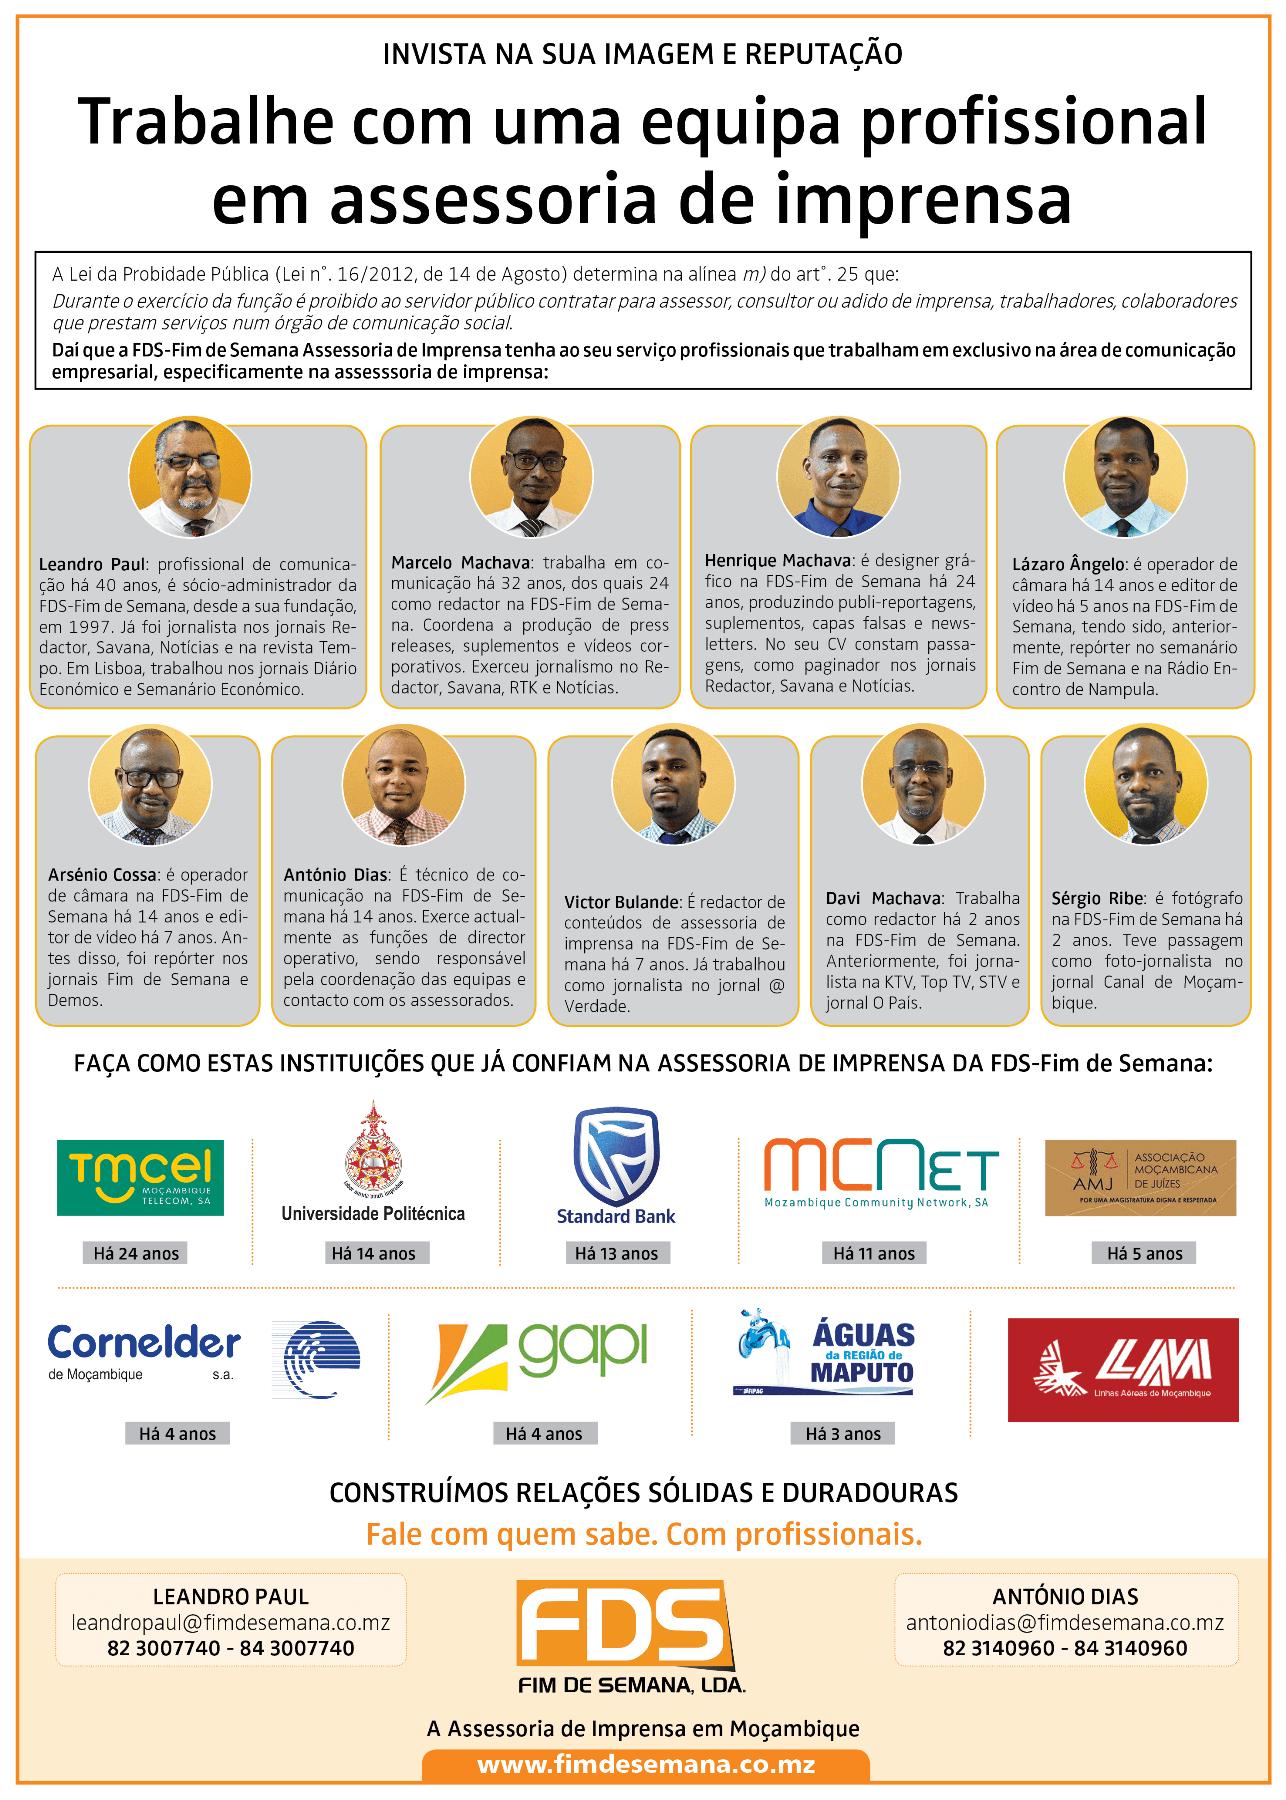 Invista na sua imagem e reputacao equipa profissional da FDS Fim de Semana Agencia de Comunicacao e Imagem em Mocambique